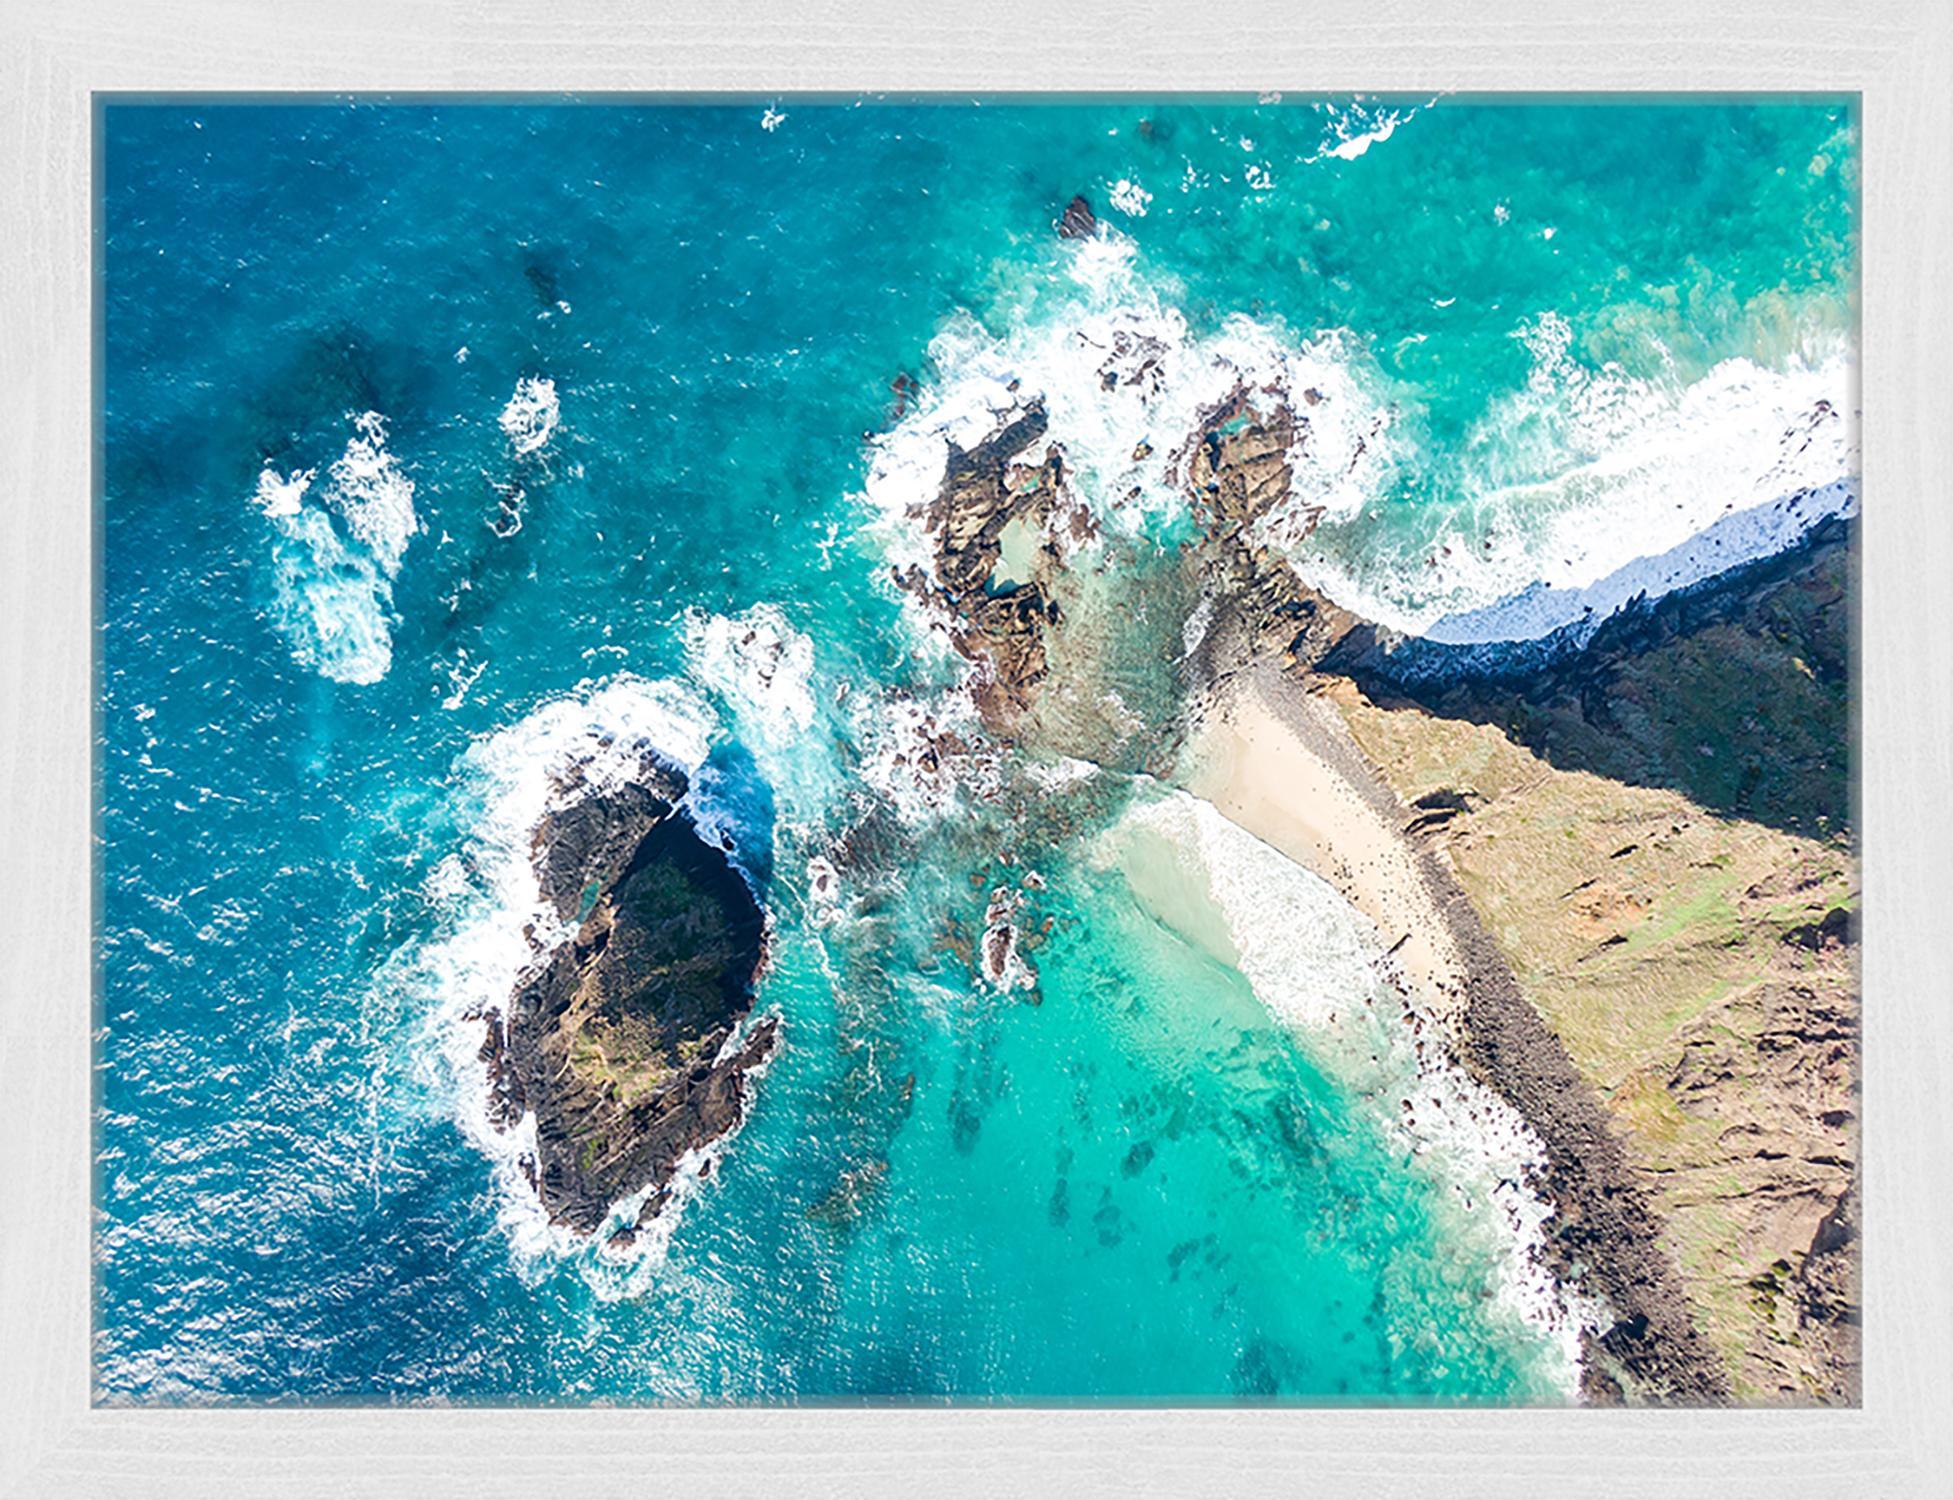 Stampa digitale incorniciata Malabar Hil, Immagine: stampa digitale su carta,, Cornice: legno verniciato, Multicolore, Larg. 43 x Alt. 33 cm